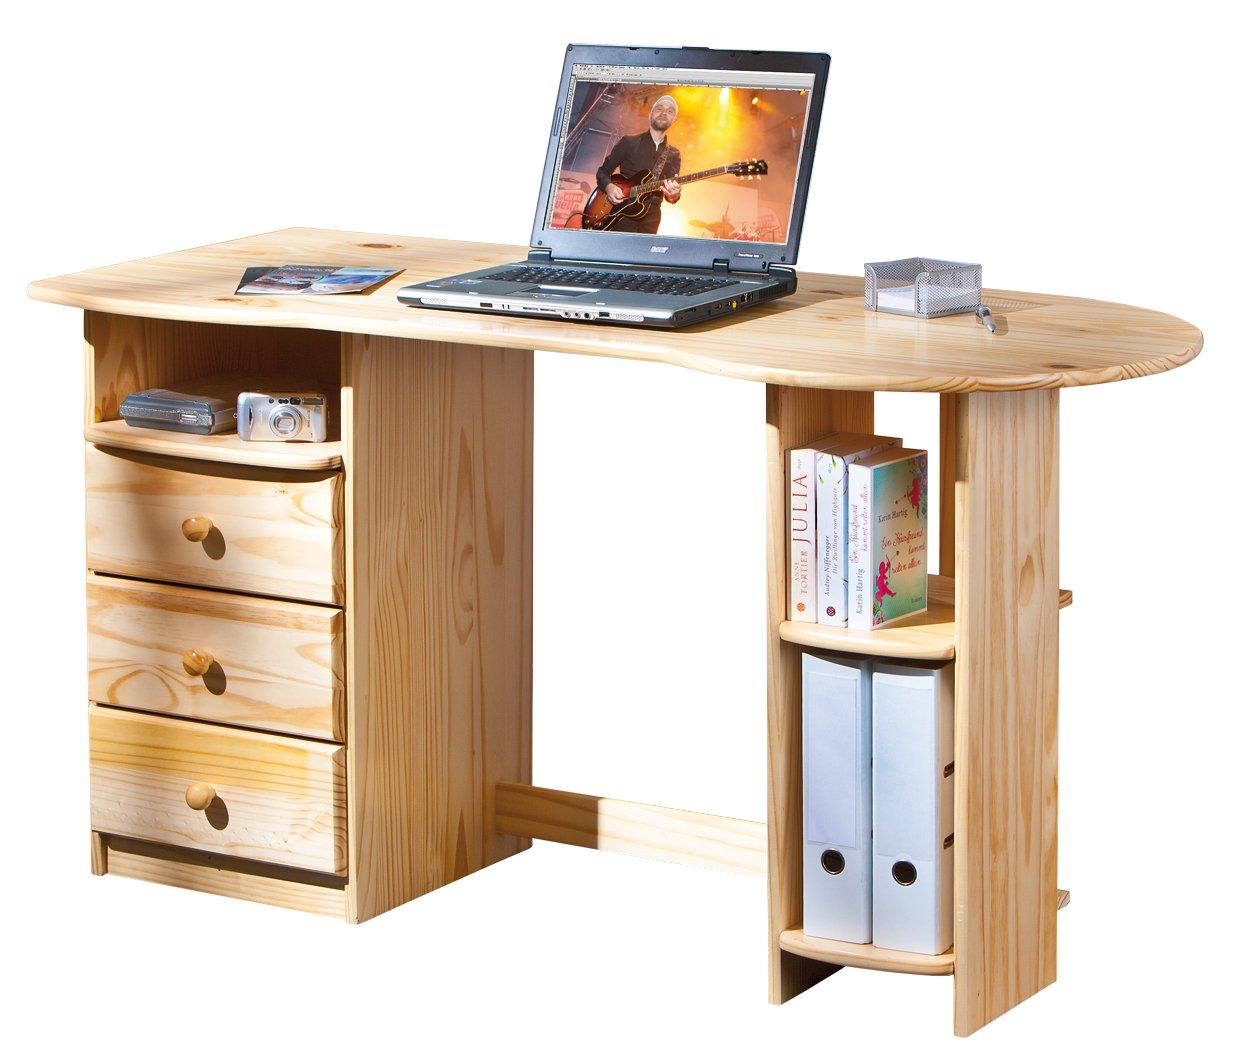 Links 30600570 Schreibtisch Computertisch PC-Tisch Bürotisch Tastaturauszug massiv 3 Schubladen jetzt kaufen